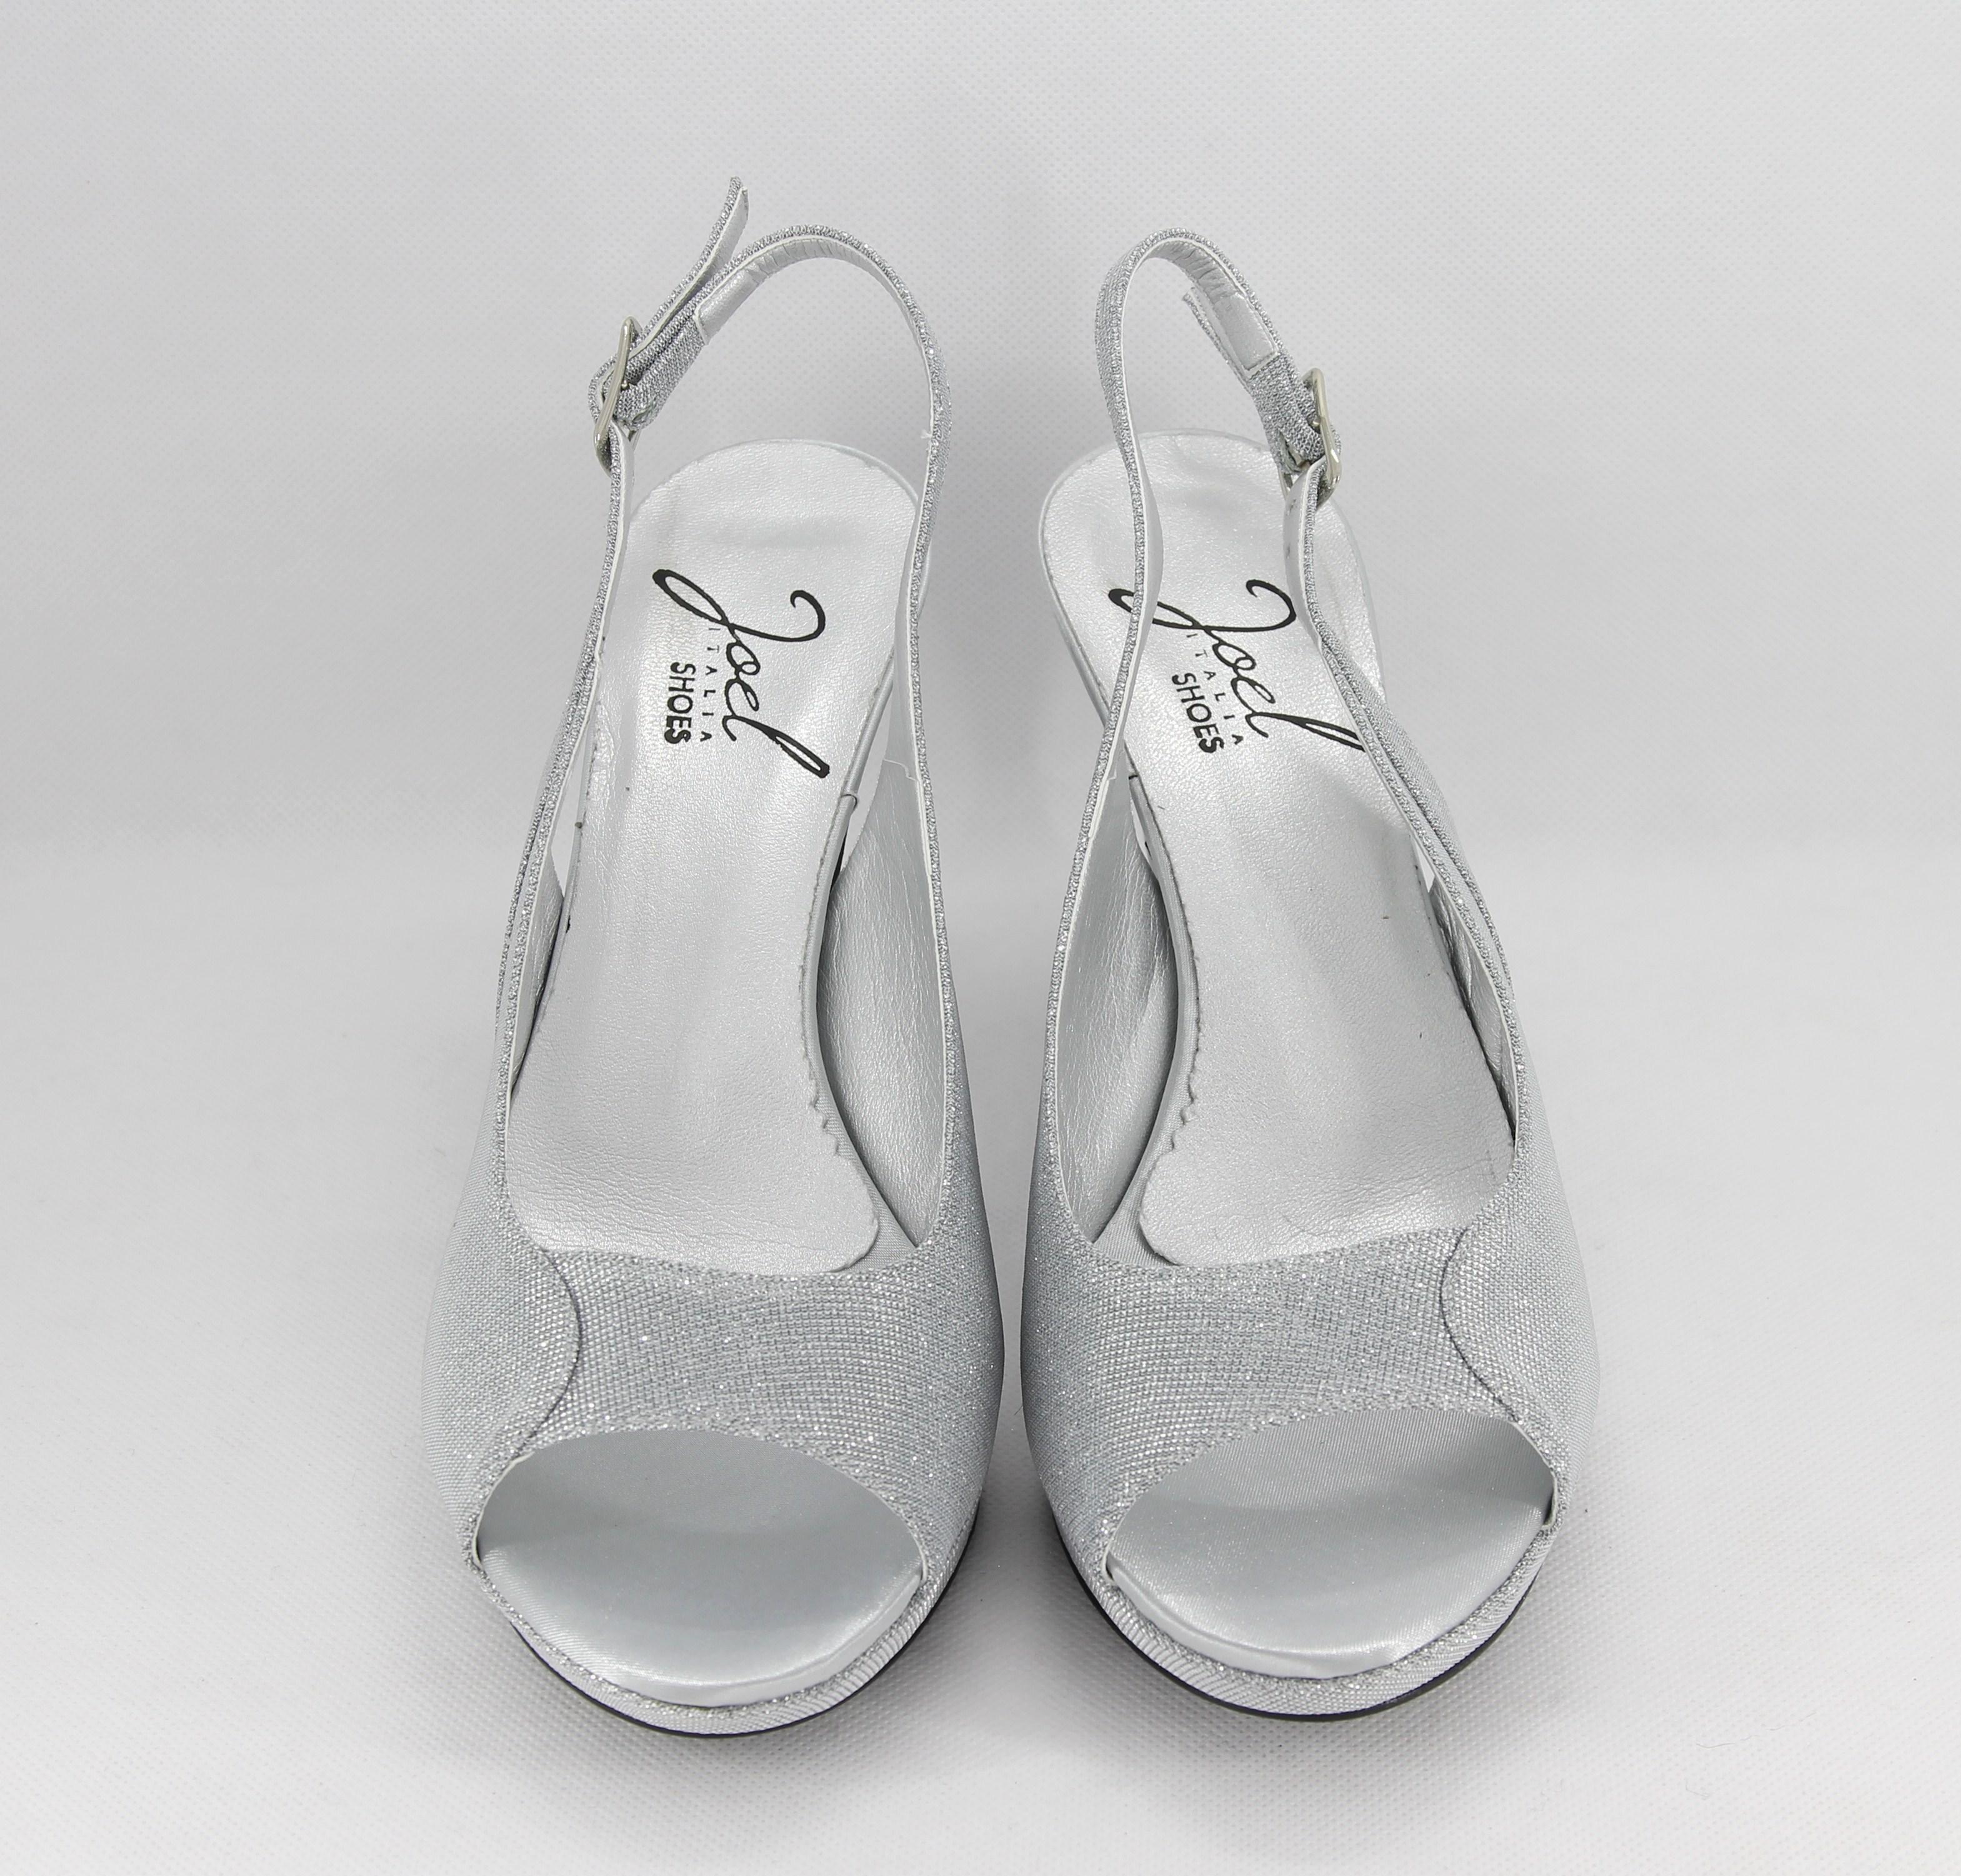 Sandalo donna elegante da cerimonia in tessuto glitter  argento con cinghietta regolabile  Art. A676